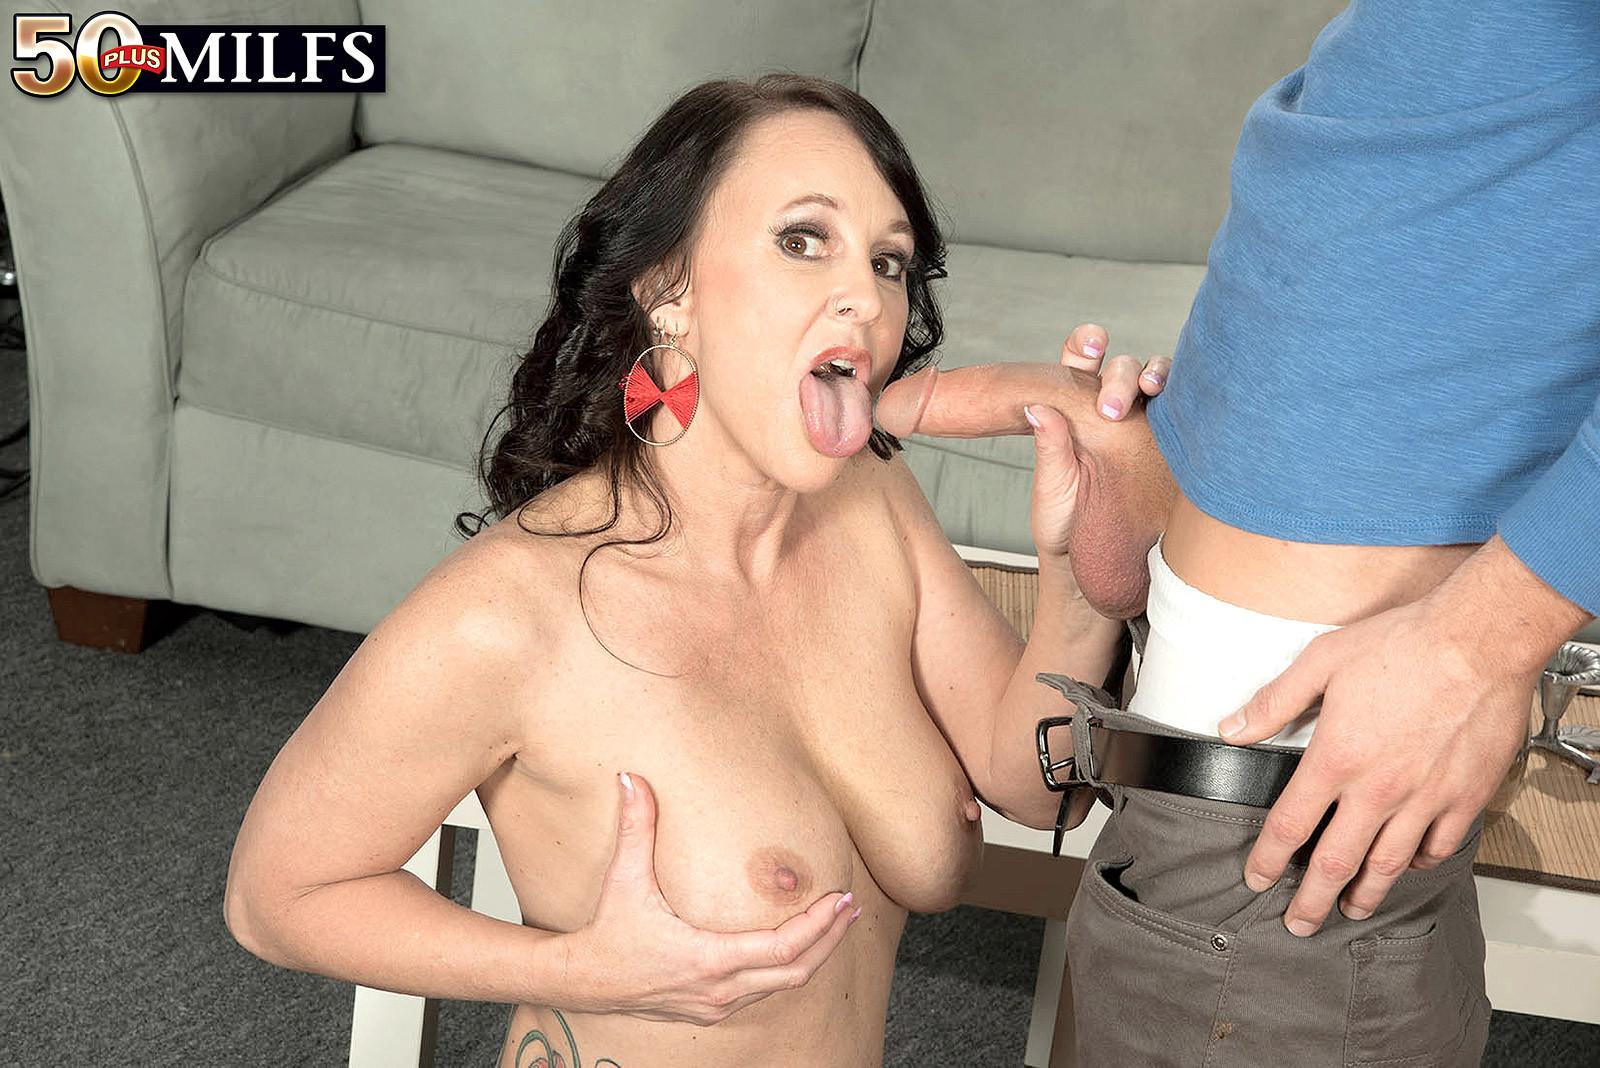 Lexi Ambrose - Сочные женщины - Порно галерея № 3610832